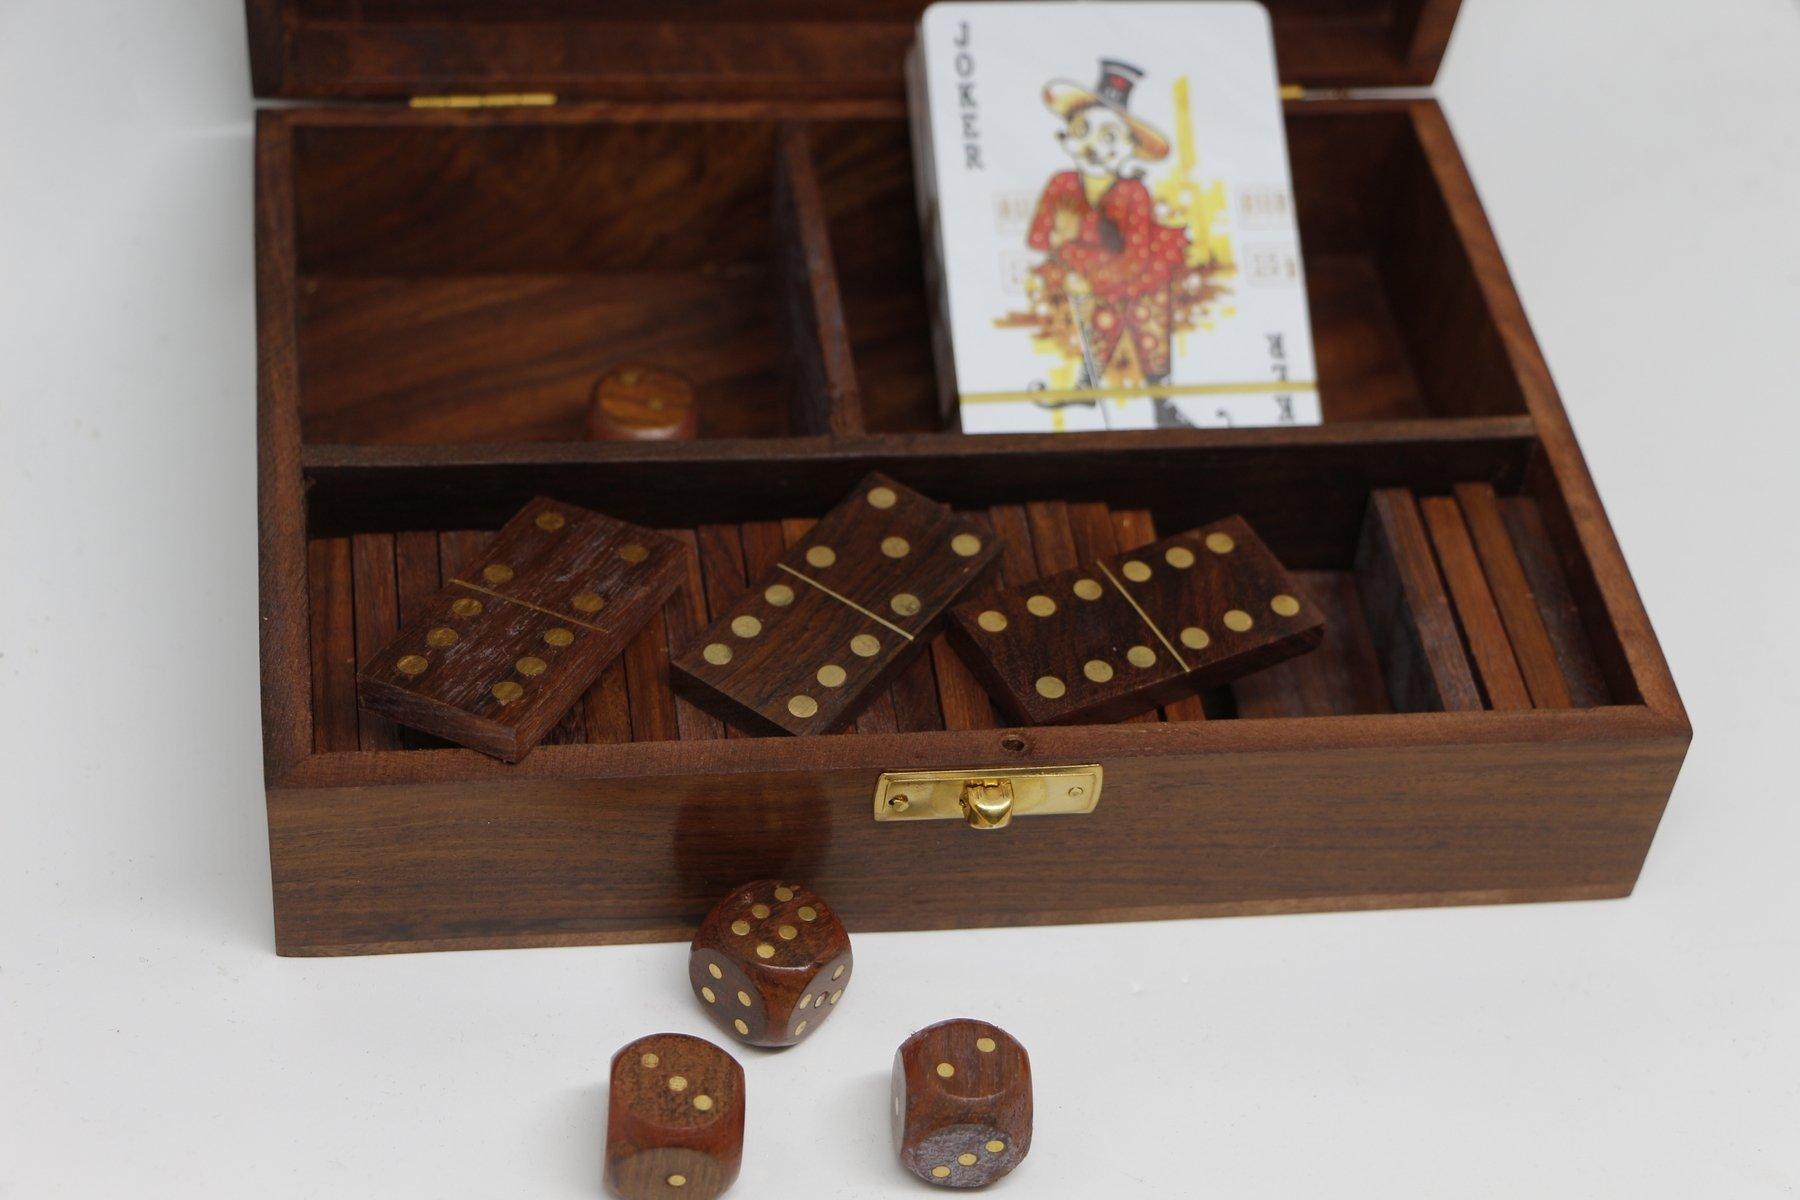 dados naipes domino juego de mesa caja náutica barco marinero: Amazon.es: Hogar